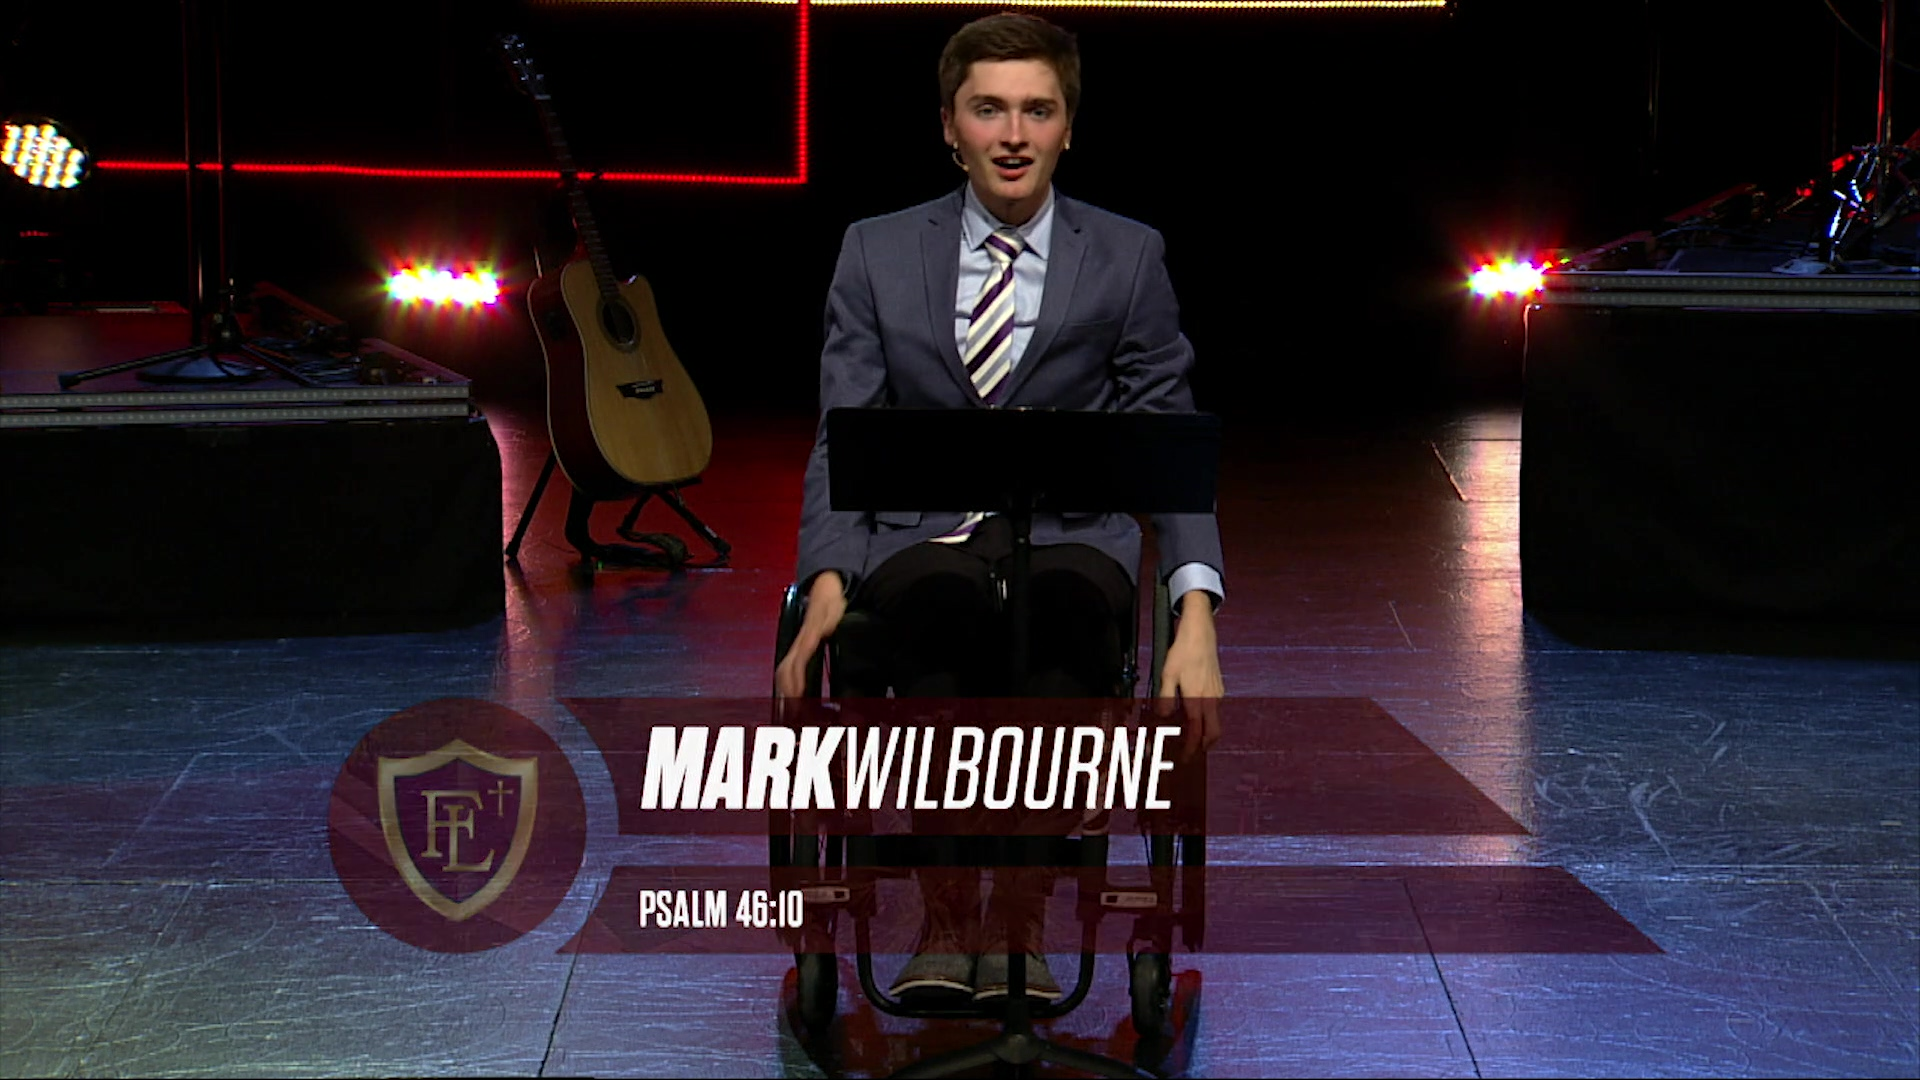 MarkWilbourne